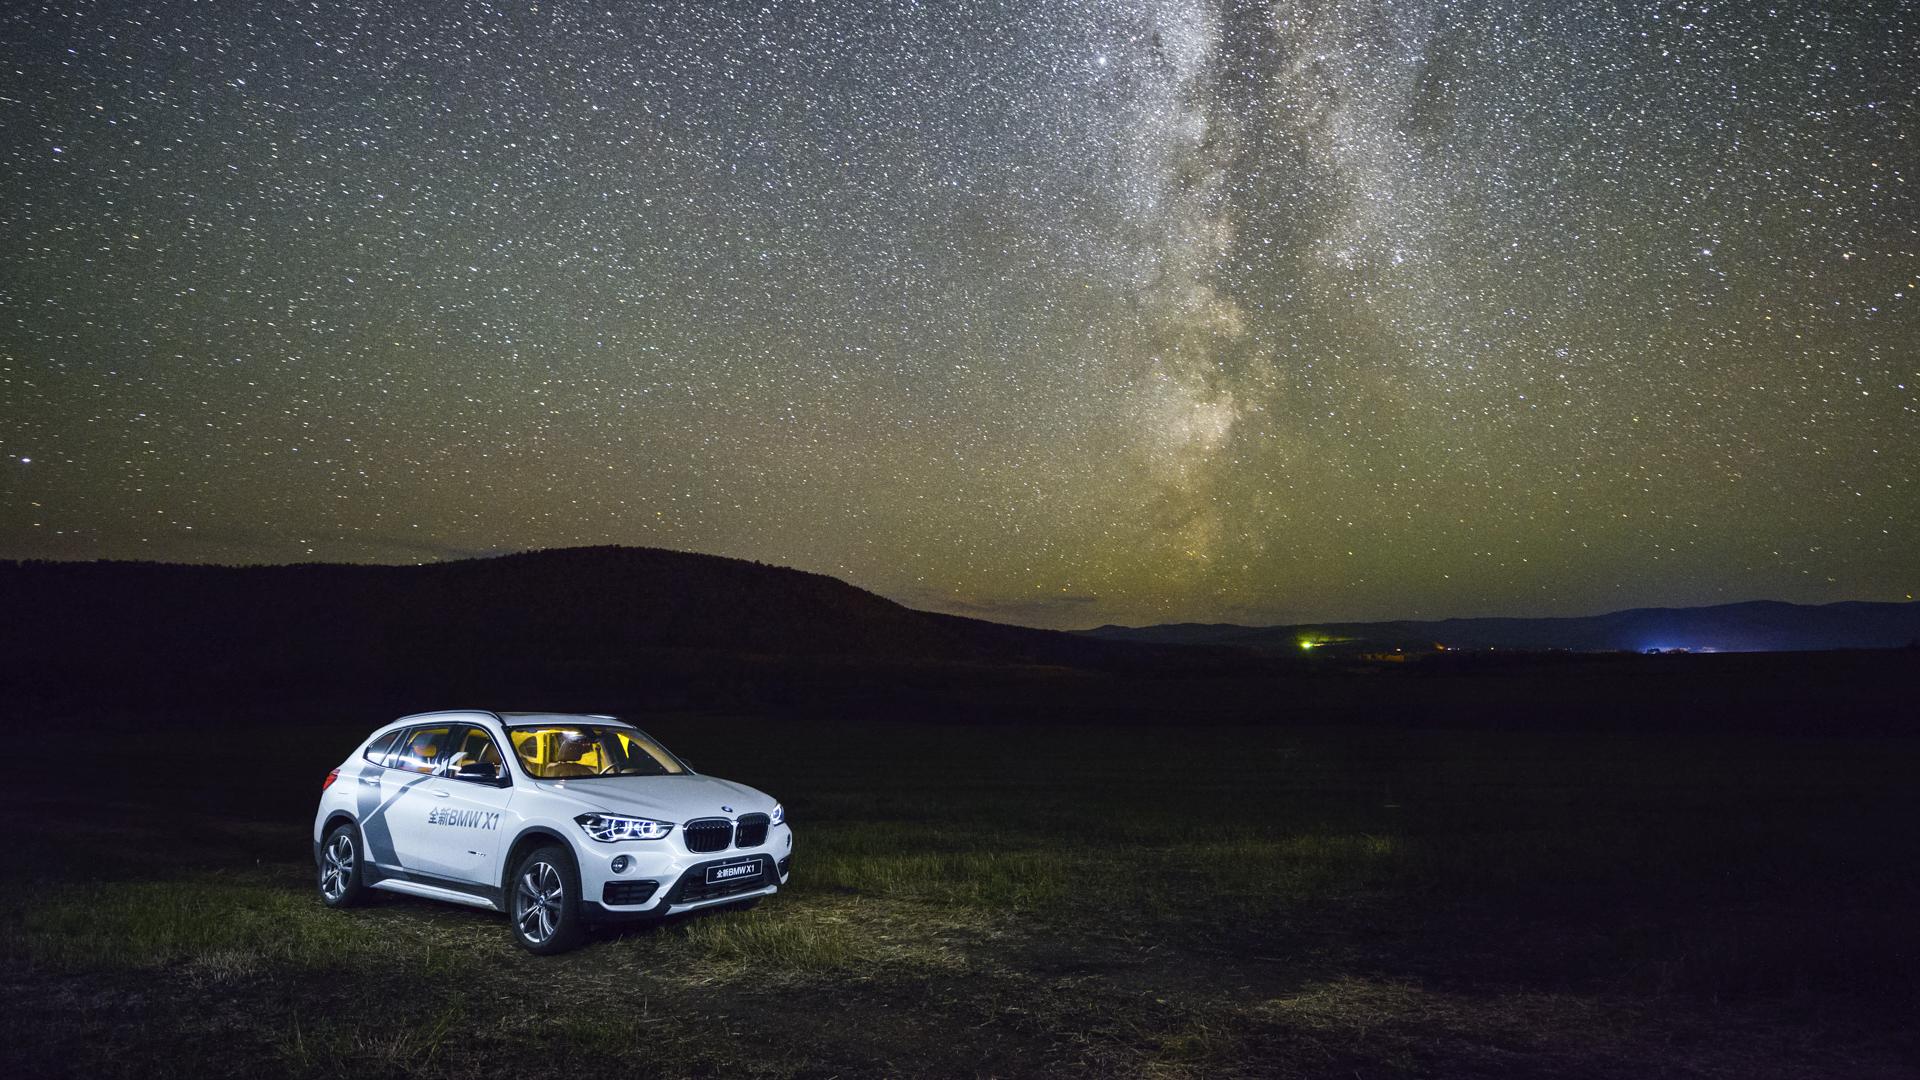 宝马X1北境之旅 追求最美景色/星空的旅程